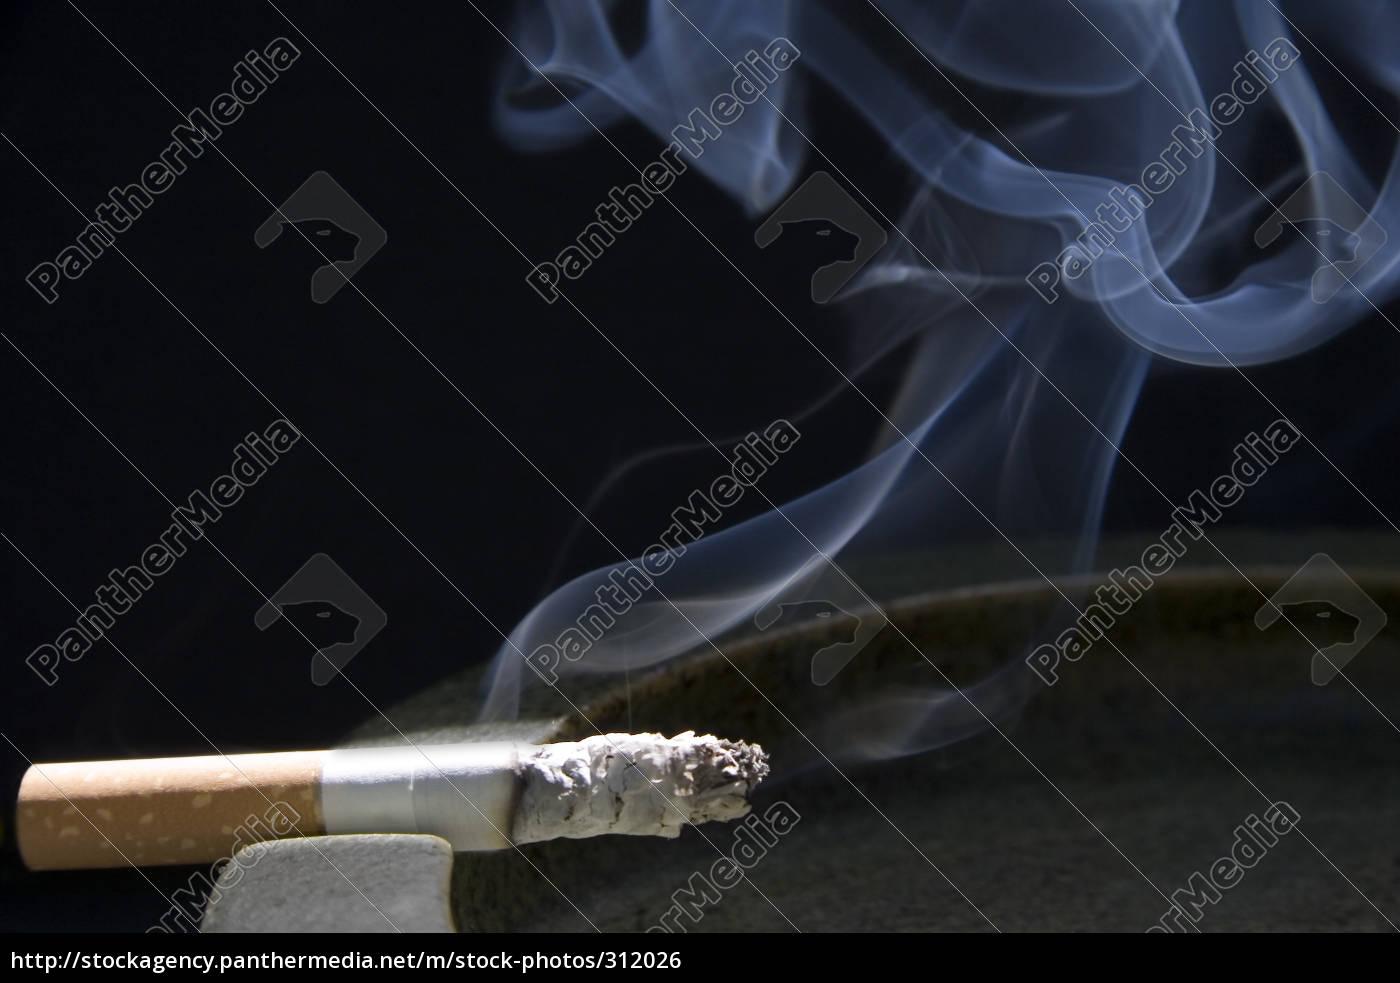 cigarette, smoke - 312026